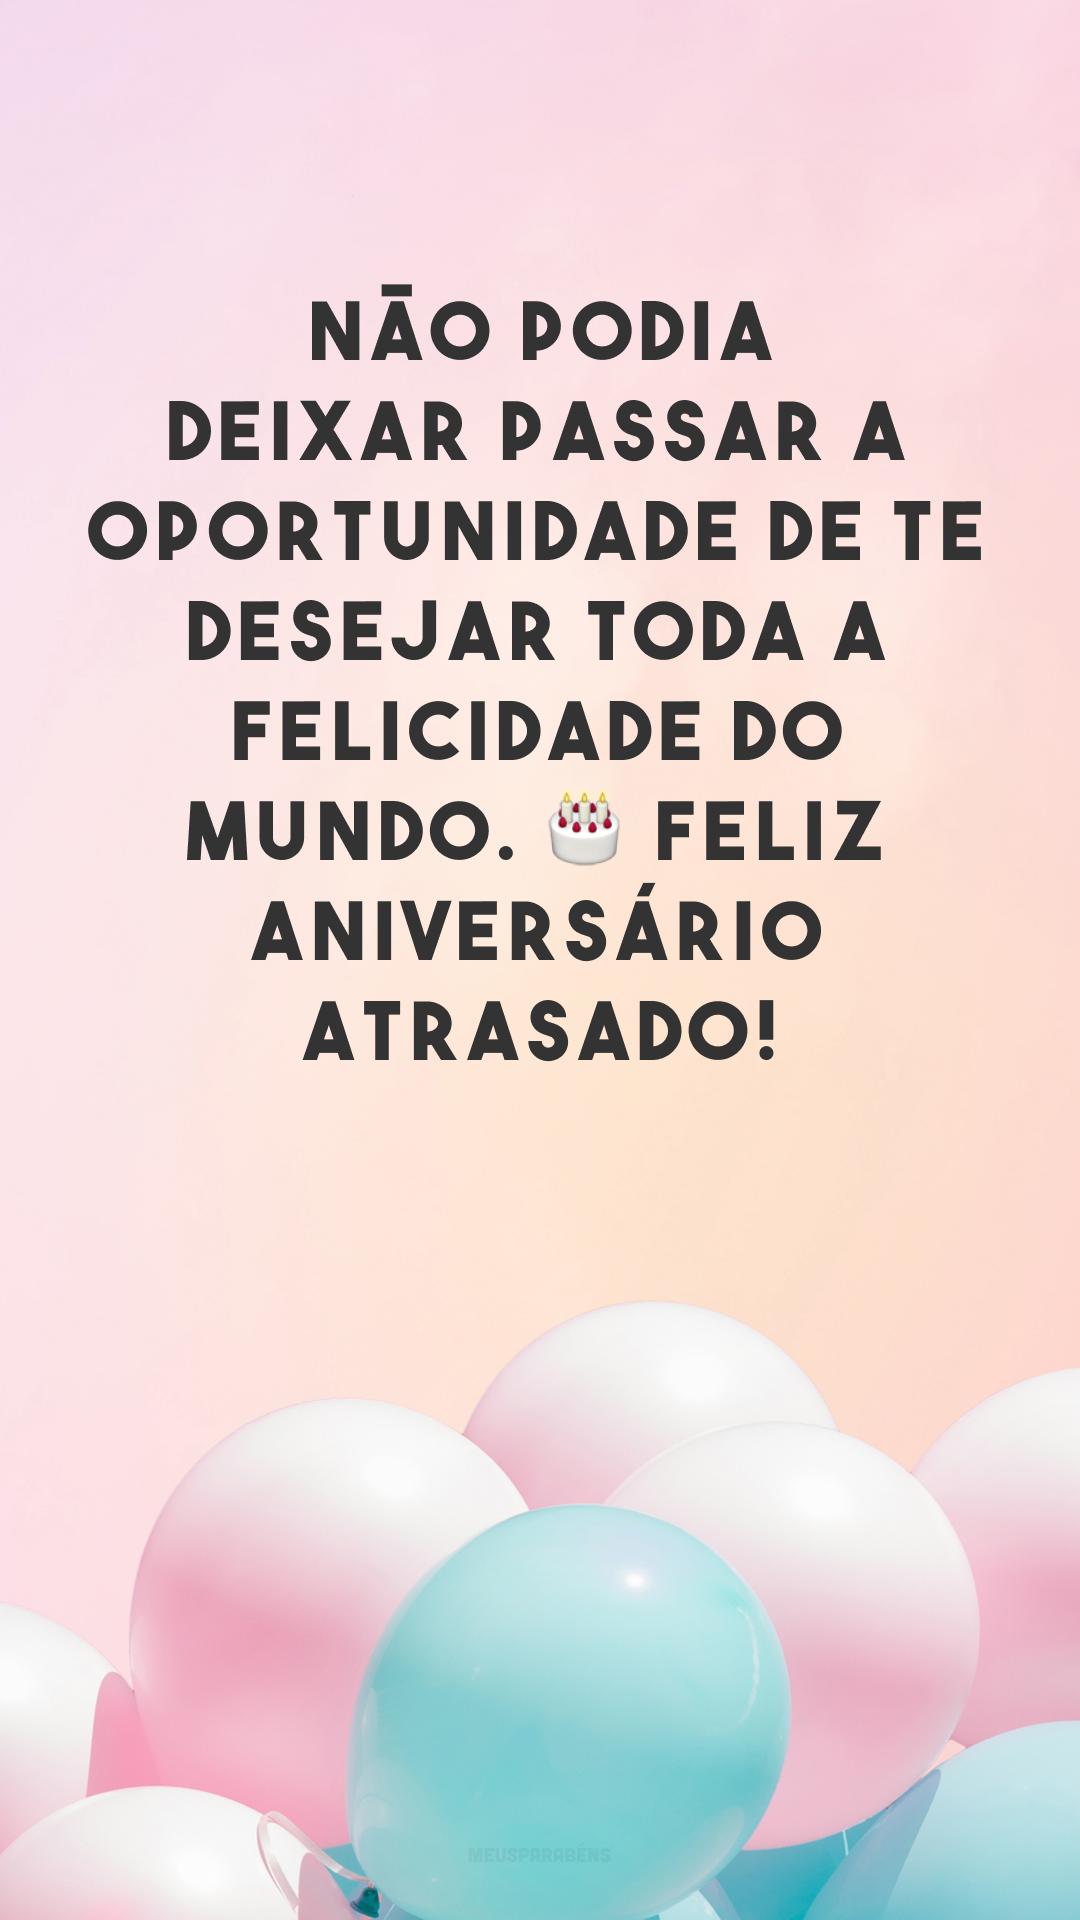 Não podia deixar passar a oportunidade de te desejar toda a felicidade do mundo. 🎂 Feliz aniversário atrasado!